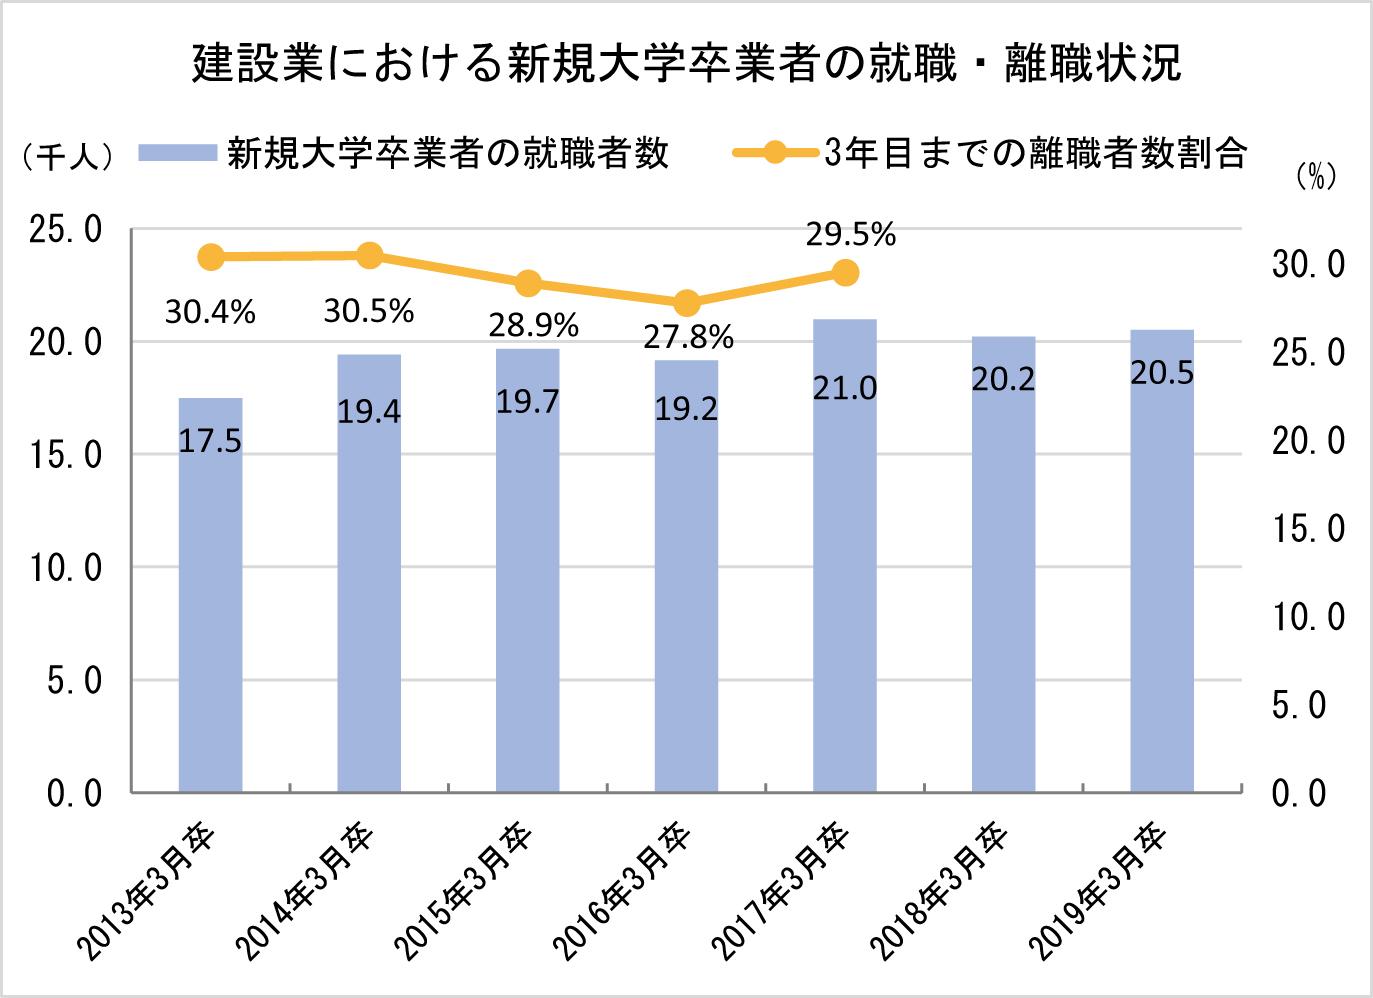 ①-1 建設業における新規大学卒業者の就職・離職状況